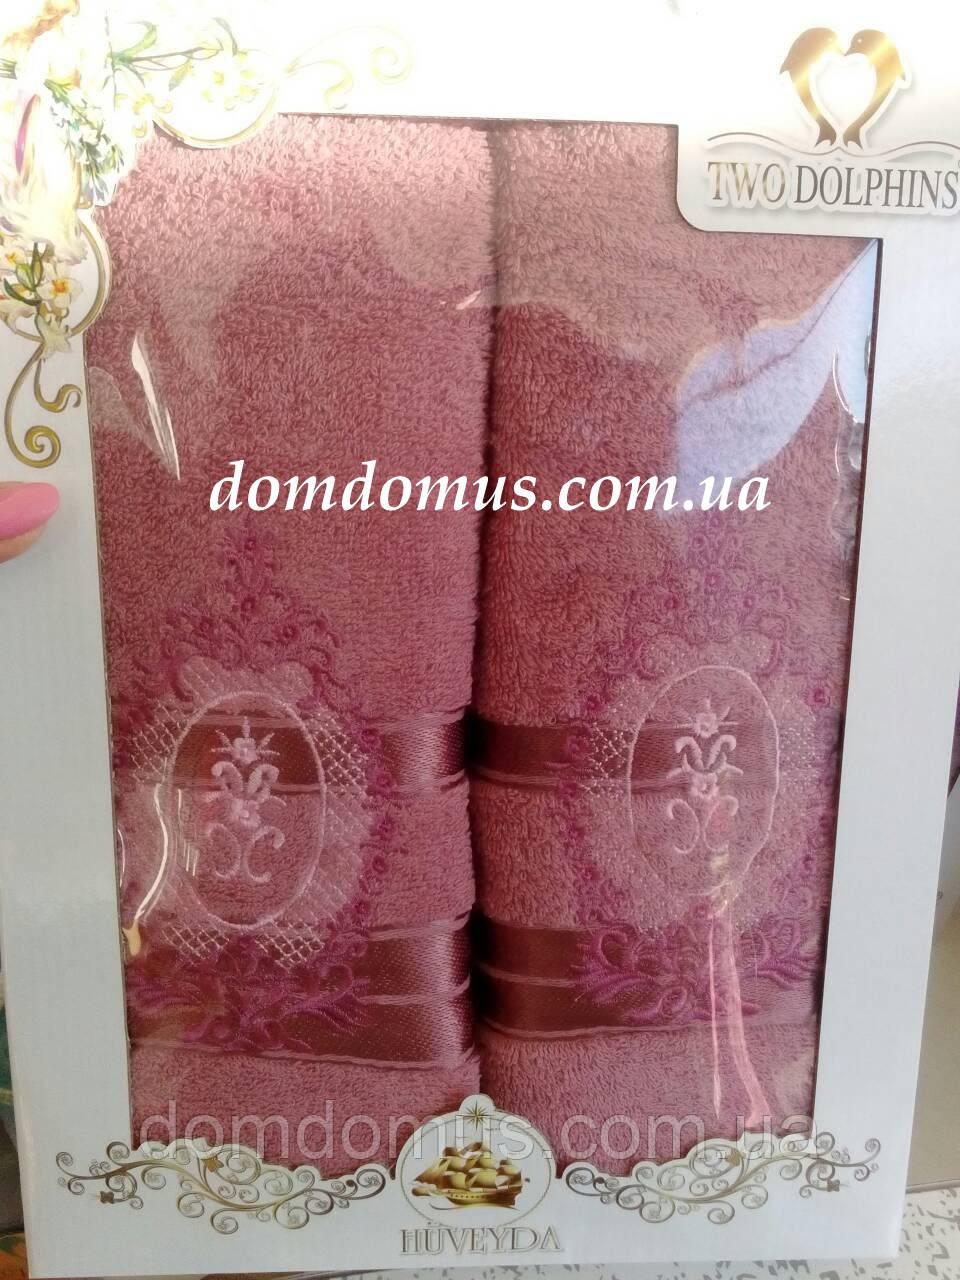 Подарочный набор полотенец TWO DOLPHINS, Турция 0181